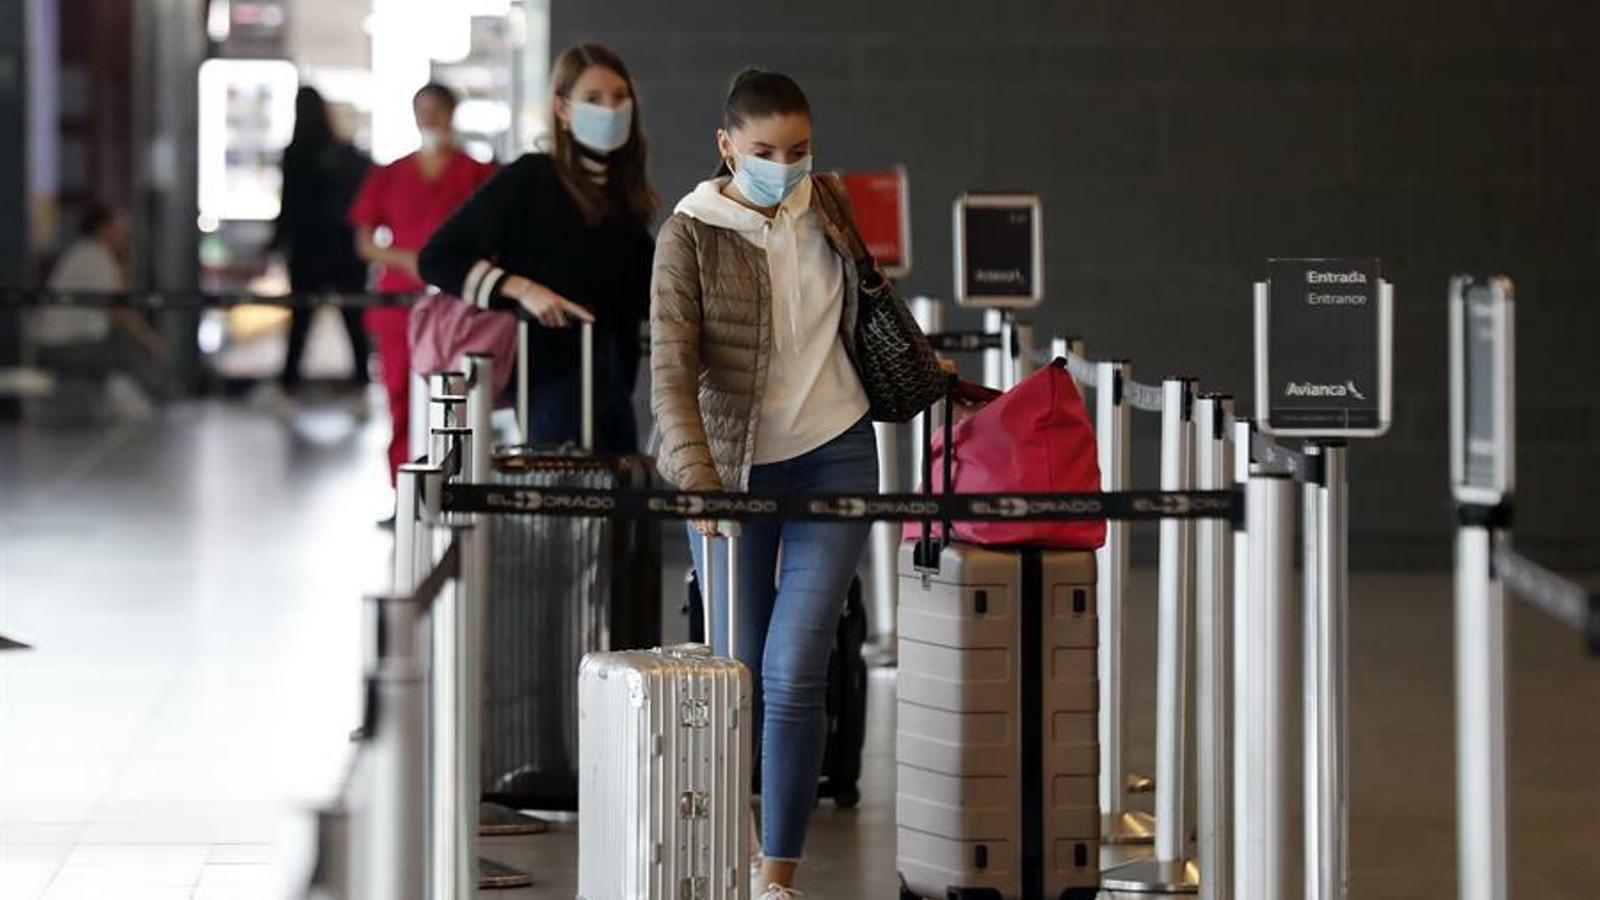 Unes turistes protegides amb mascareta i carregades amb maletes, a l'aeroport del Dorado de Colòmbia